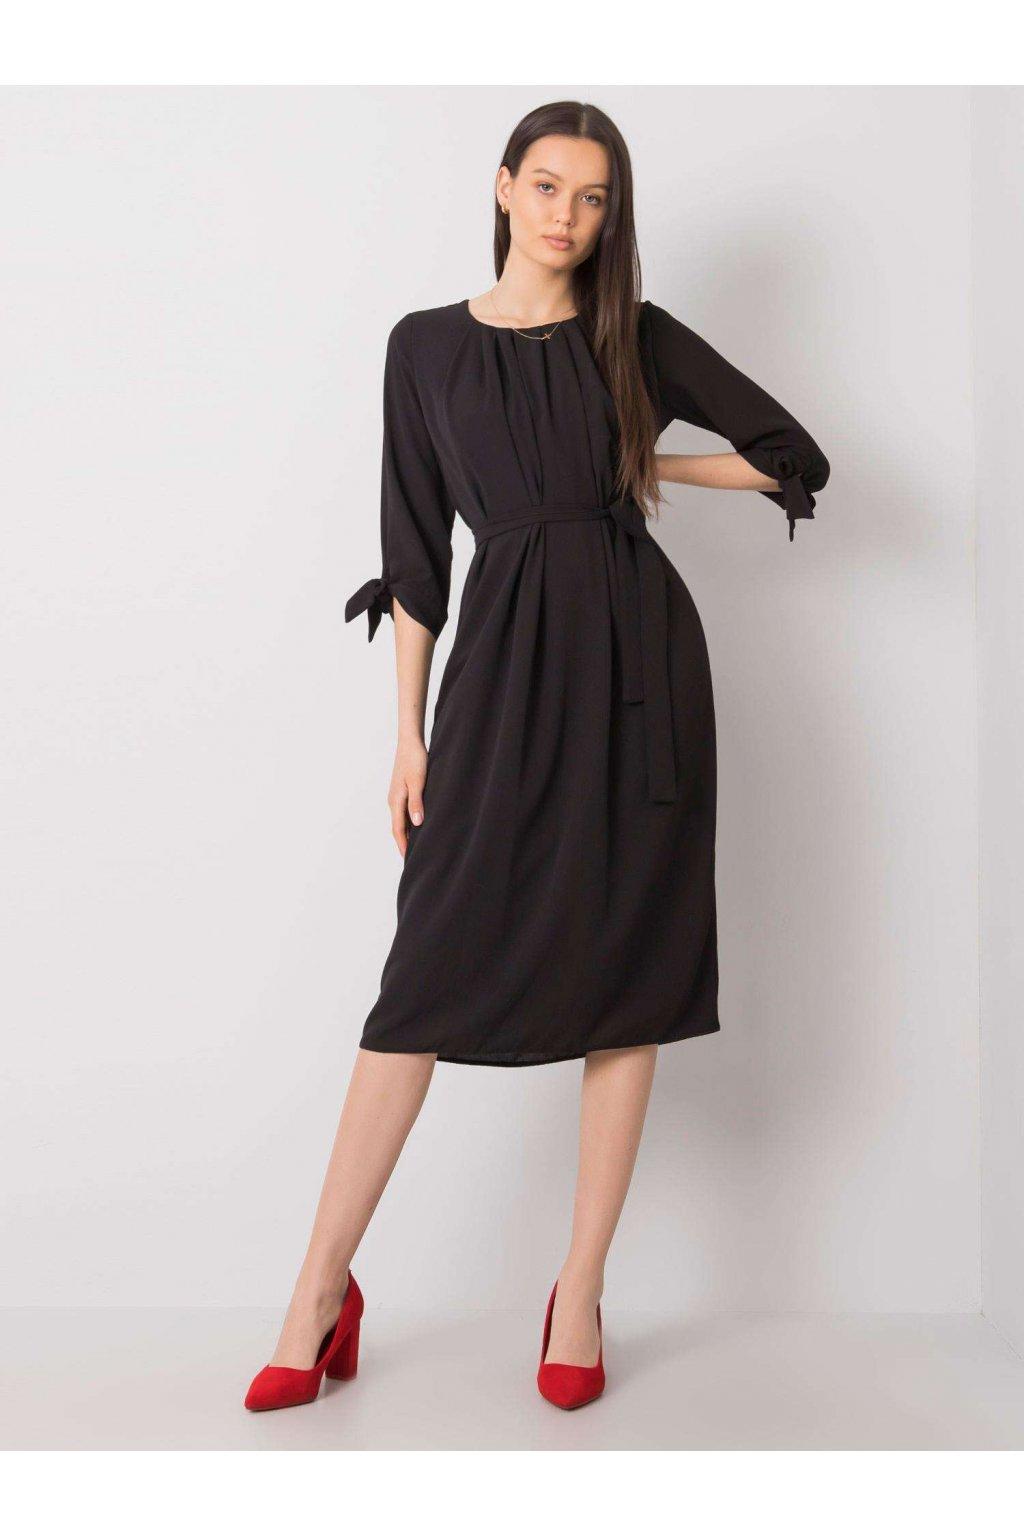 pol pl Czarna sukienka koktajlowa Alethea 366800 1